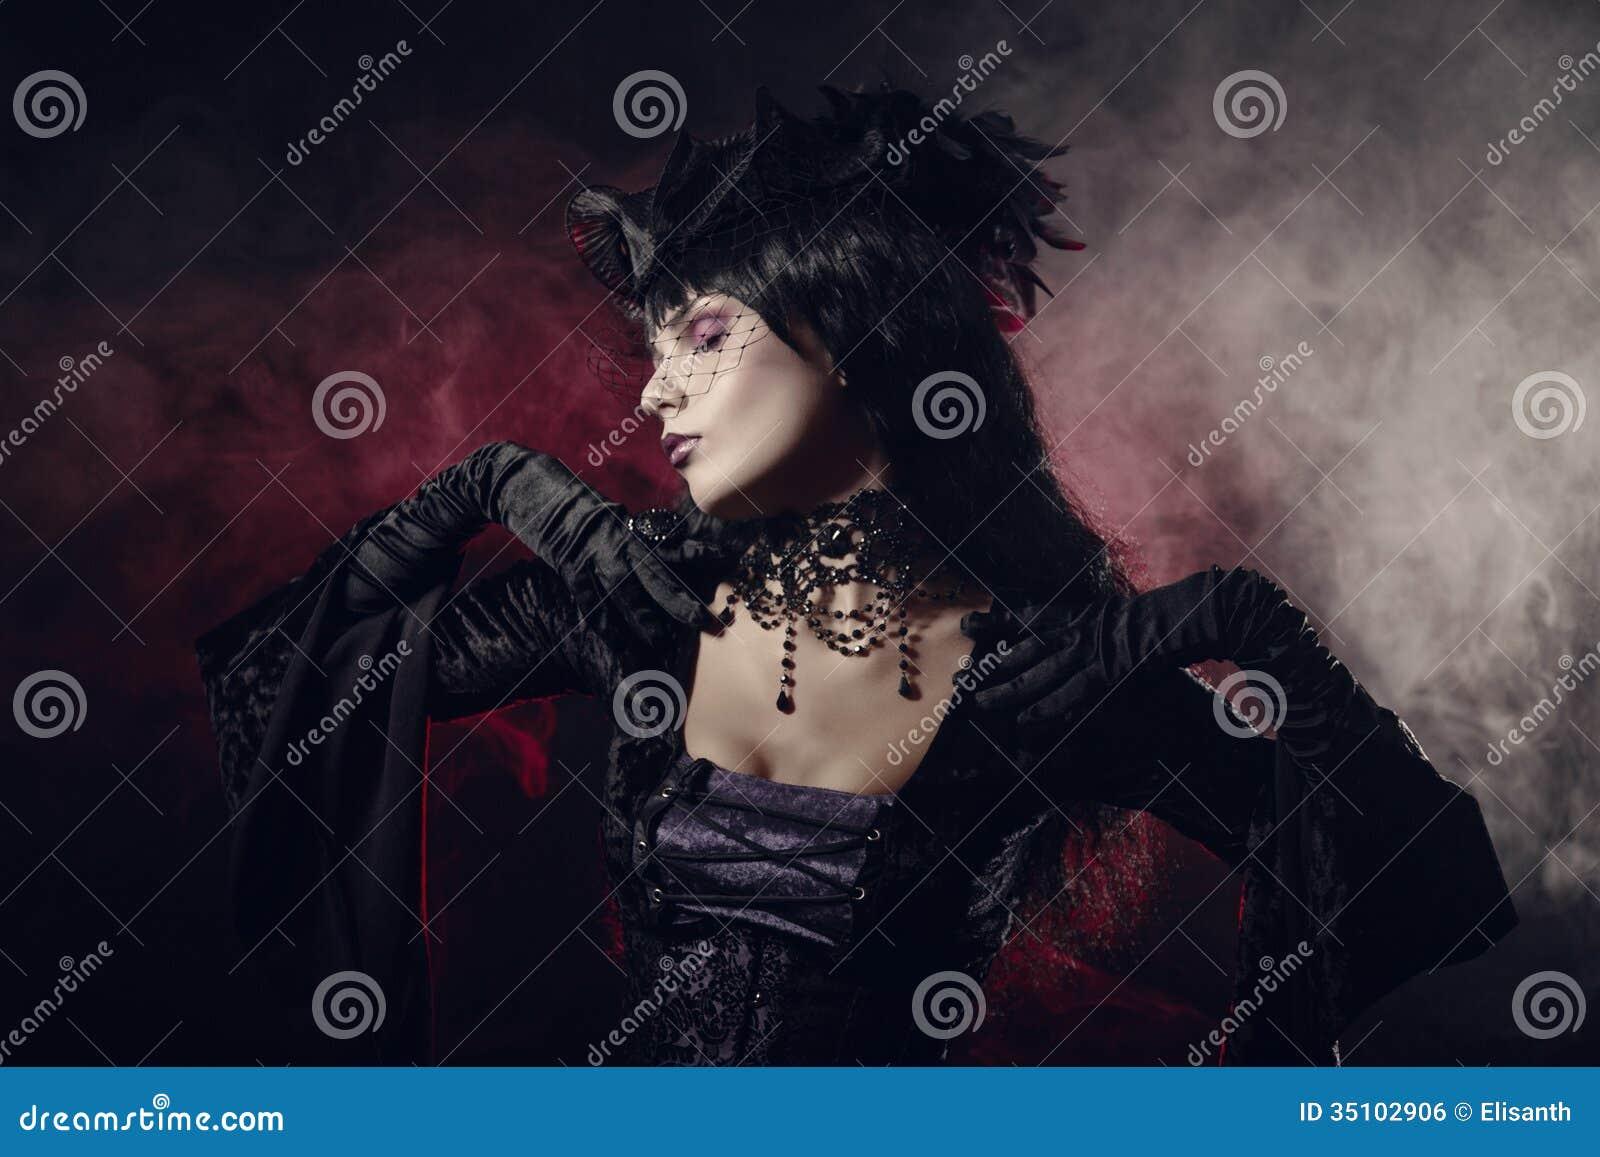 Romantisches gotisches Mädchen in der Kleidung des viktorianischen Stils